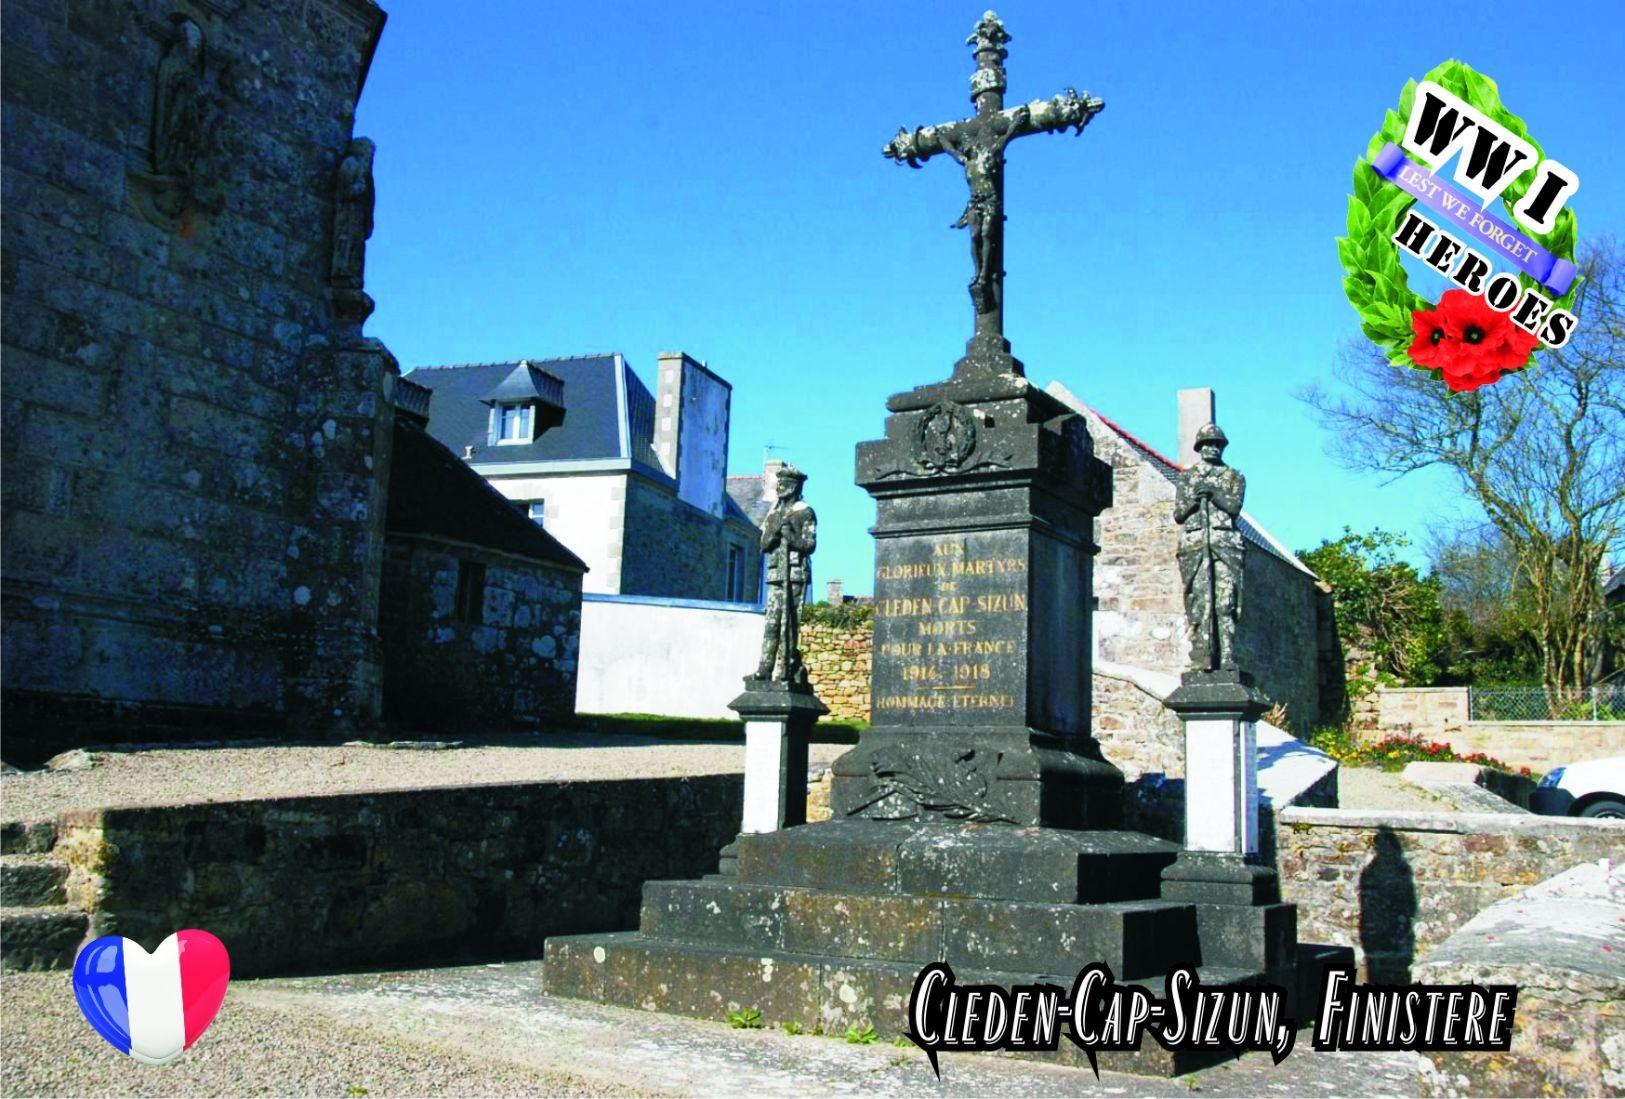 Carte Postale, Militaria, Monuments, World War I Monuments, France (Finistère), Cleden-Cap-Sizun - Monuments Aux Morts